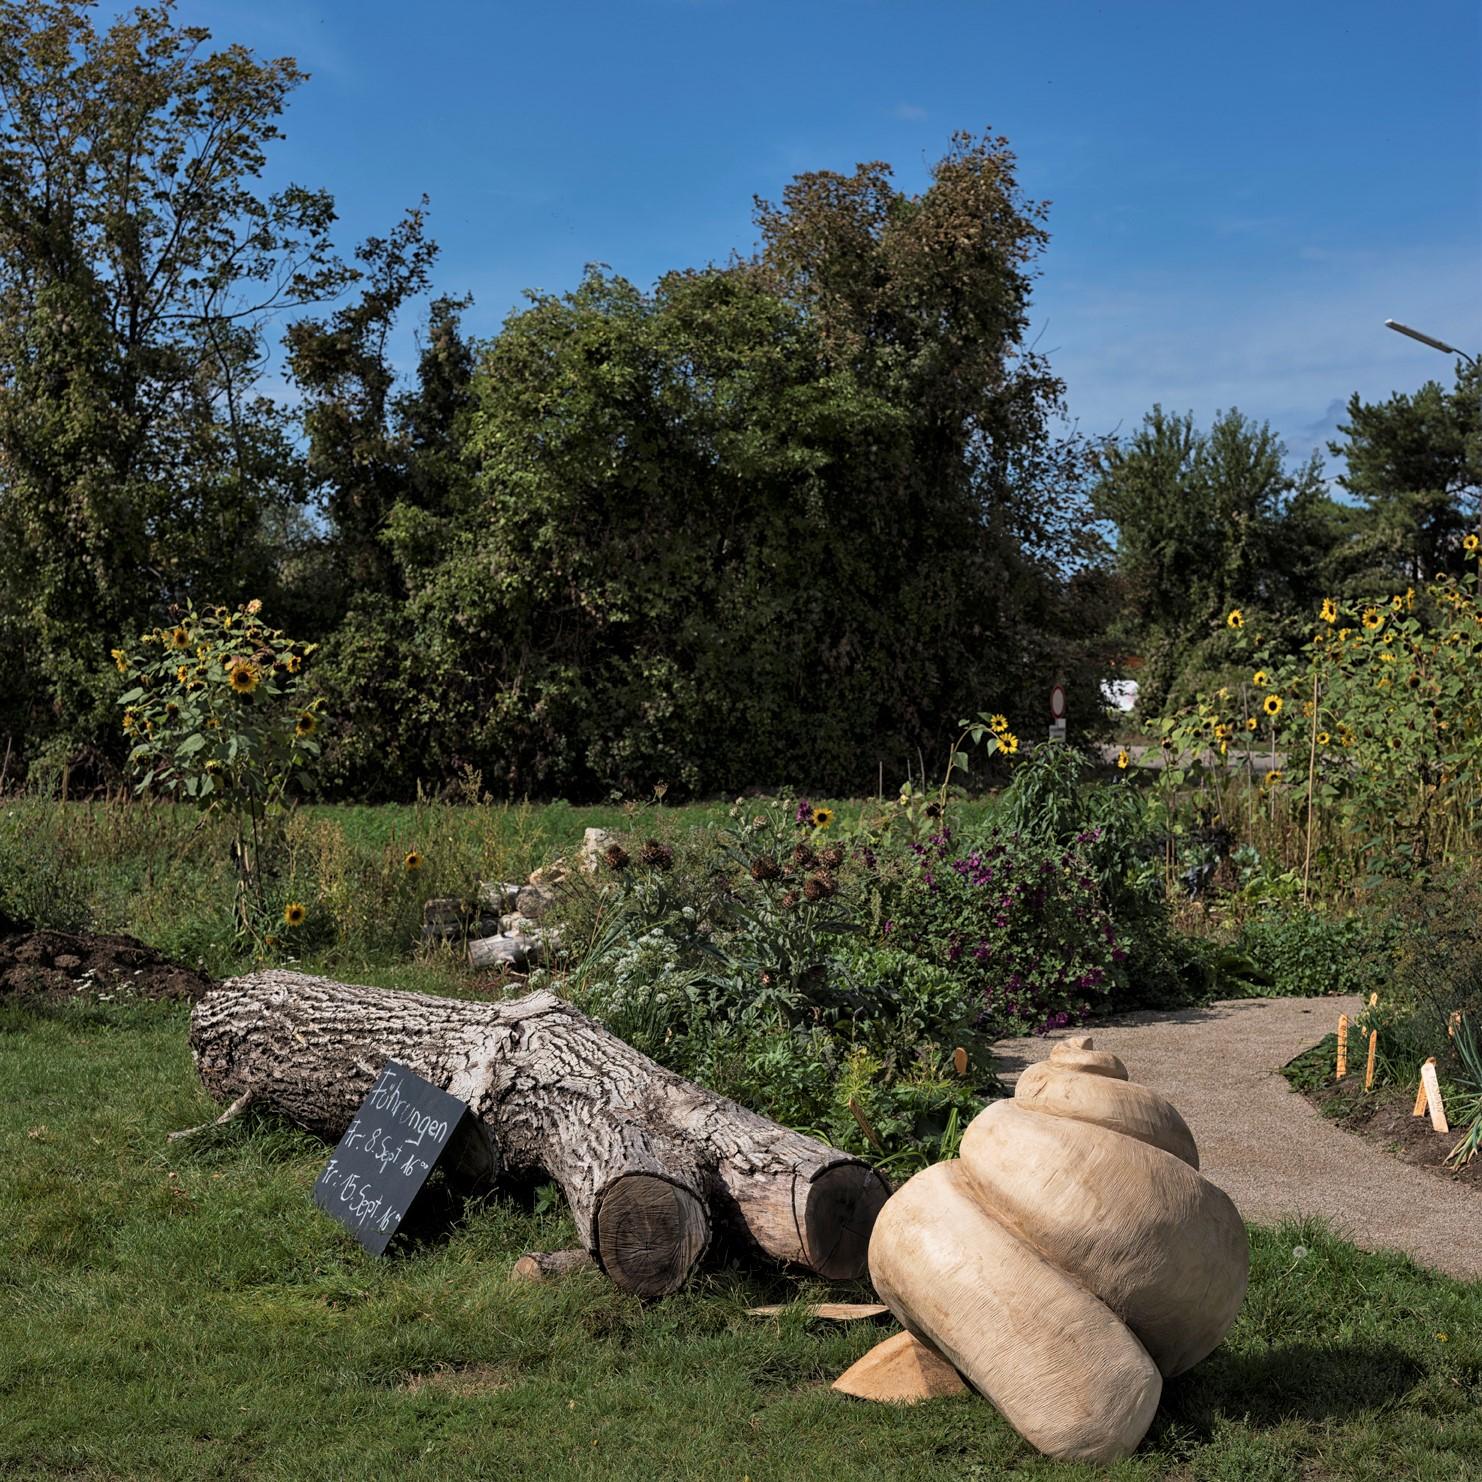 Nachhaltig Permakultur Waldgarten Kräutergarten für Weinbergschnecken, Escargots auf der Stadtlandwirtschaft, Öko, Ernährungskonzepte, Umweltverträglichkeit, Innovation, Lebensmittelmanagement